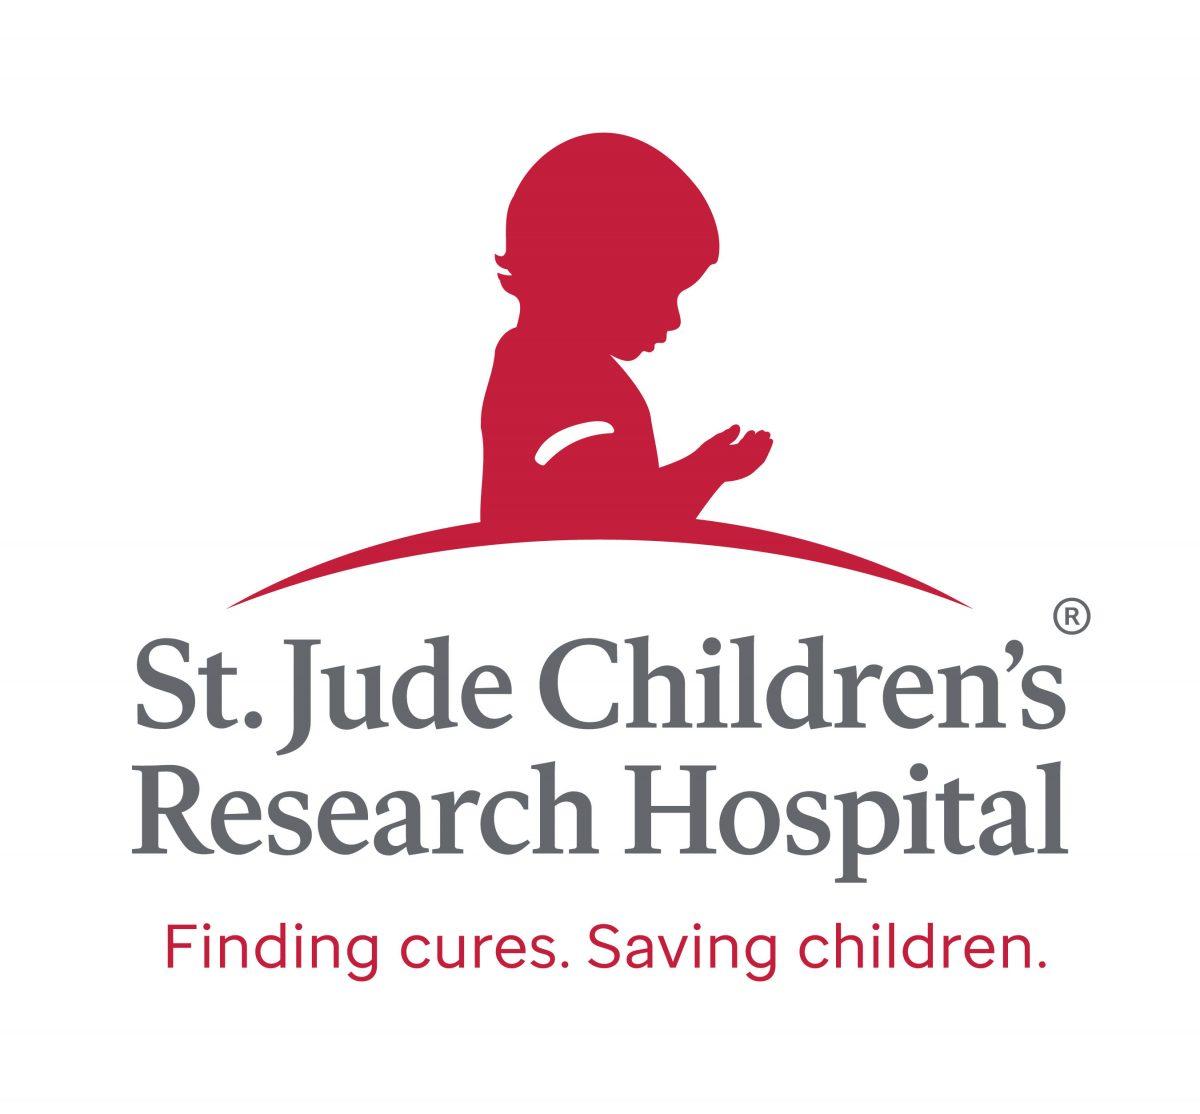 Super-estrellas musicales se «presentan» durante el festival benéfico virtual de St. Jude Children's Research Hospital